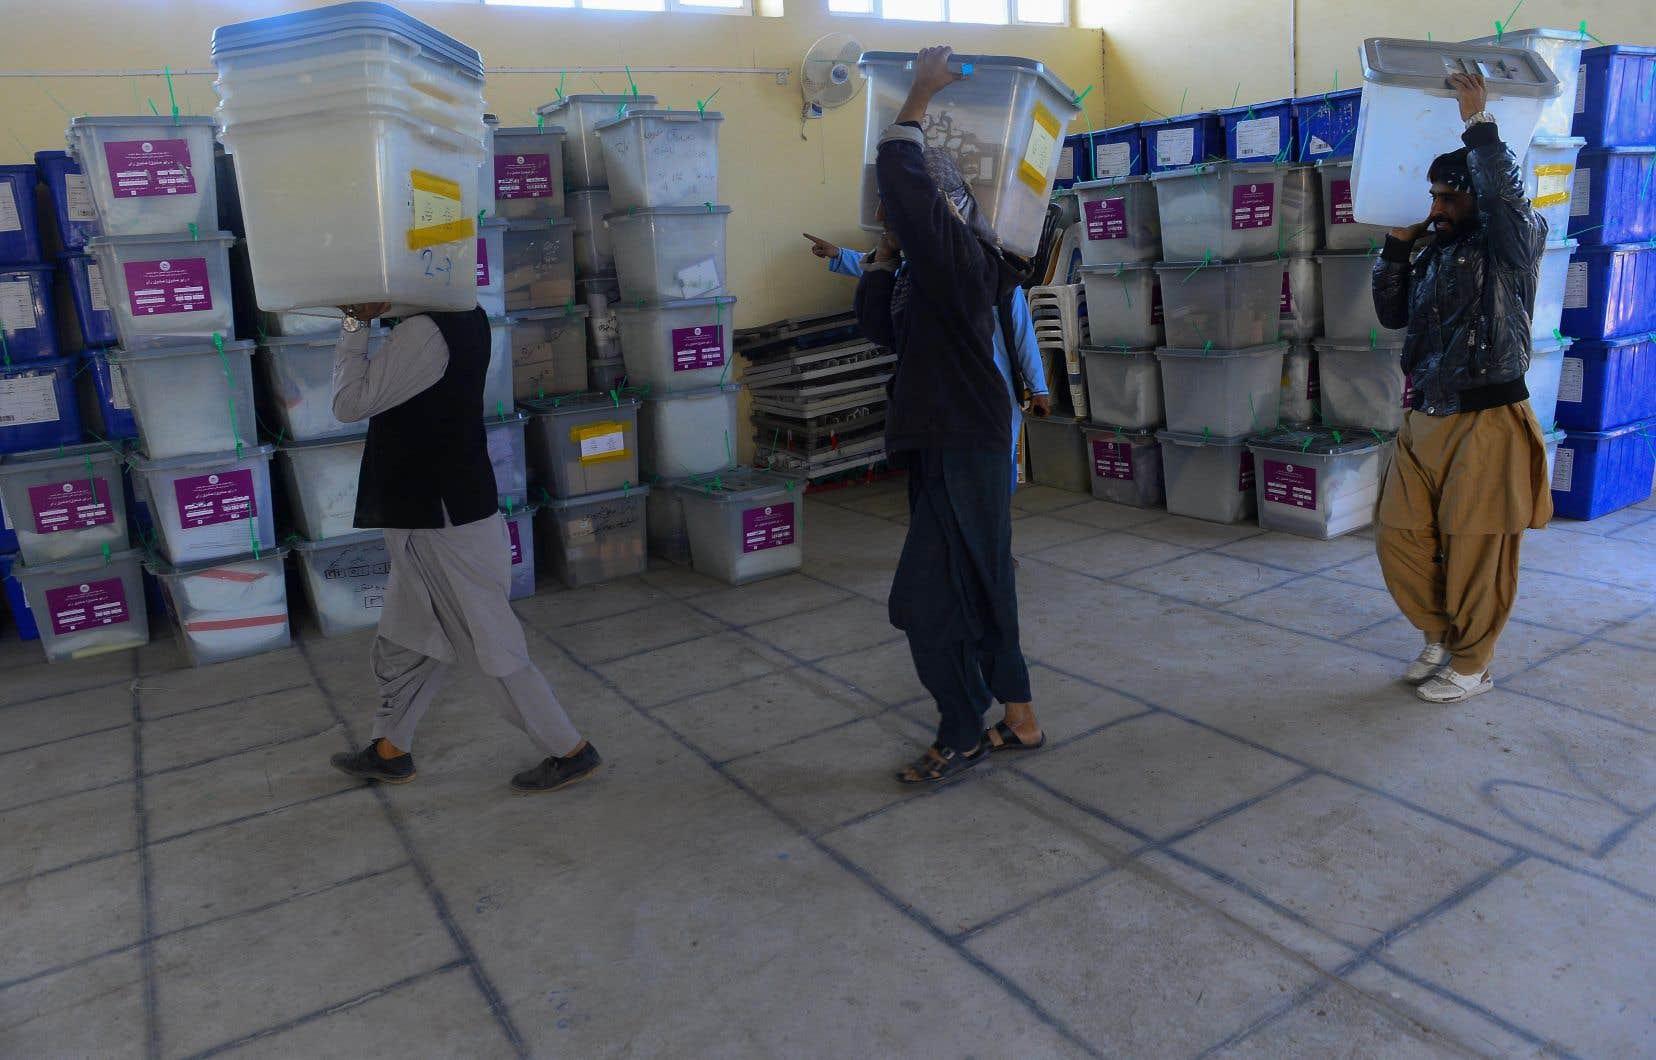 Des employés de la Commission électorale indépendante afghane transportent des urnes dans un entrepôt après le dépouillement du scrutin lors des élections législatives du pays, à Herat, le 21 octobre 2018.